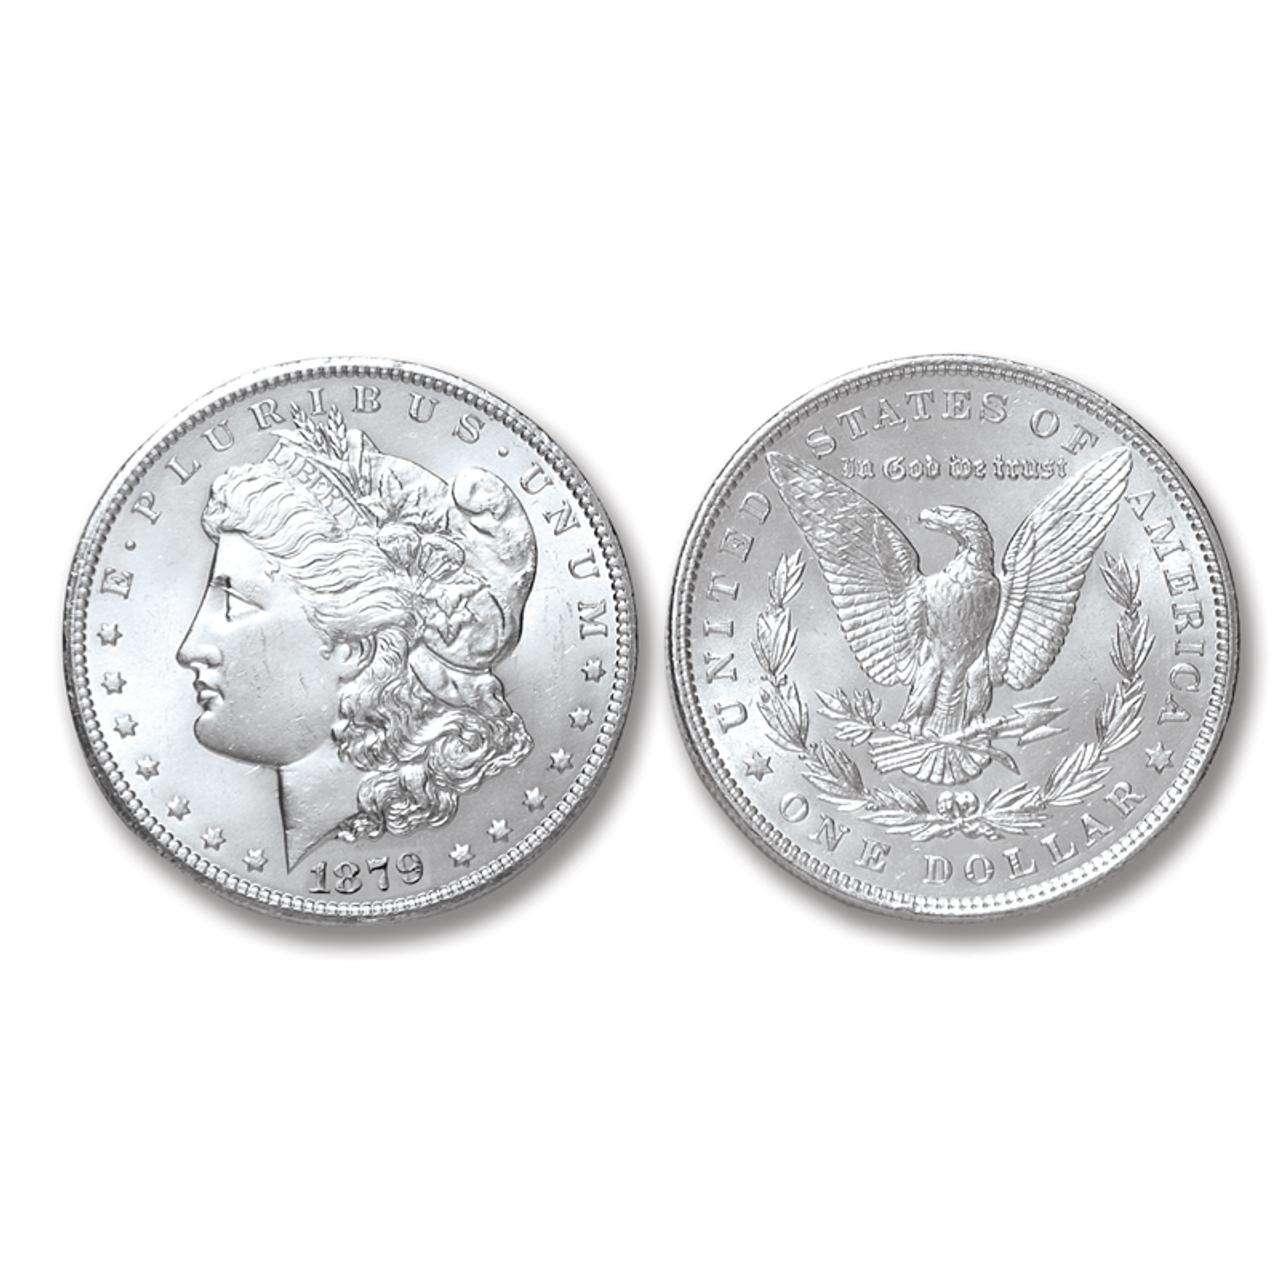 1879-P Morgan Silver Dollar - Brilliant Uncirculated Condition